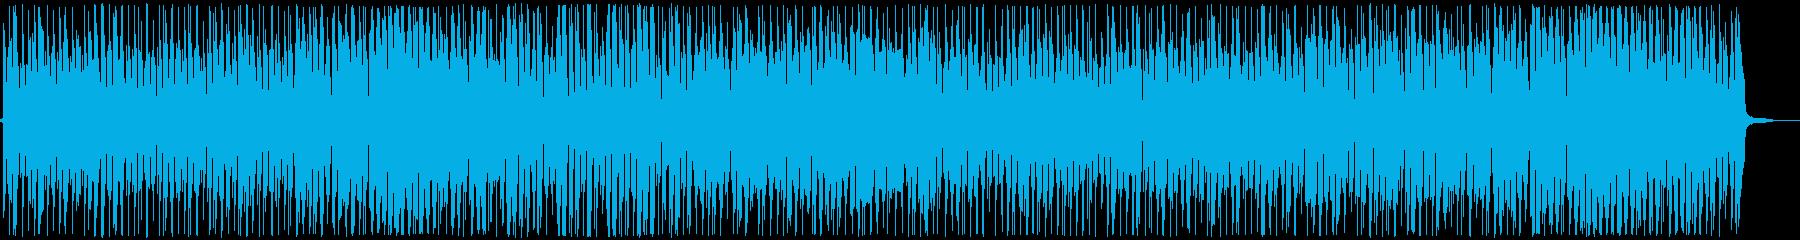 ダンスボールルーム。ブルース。の再生済みの波形